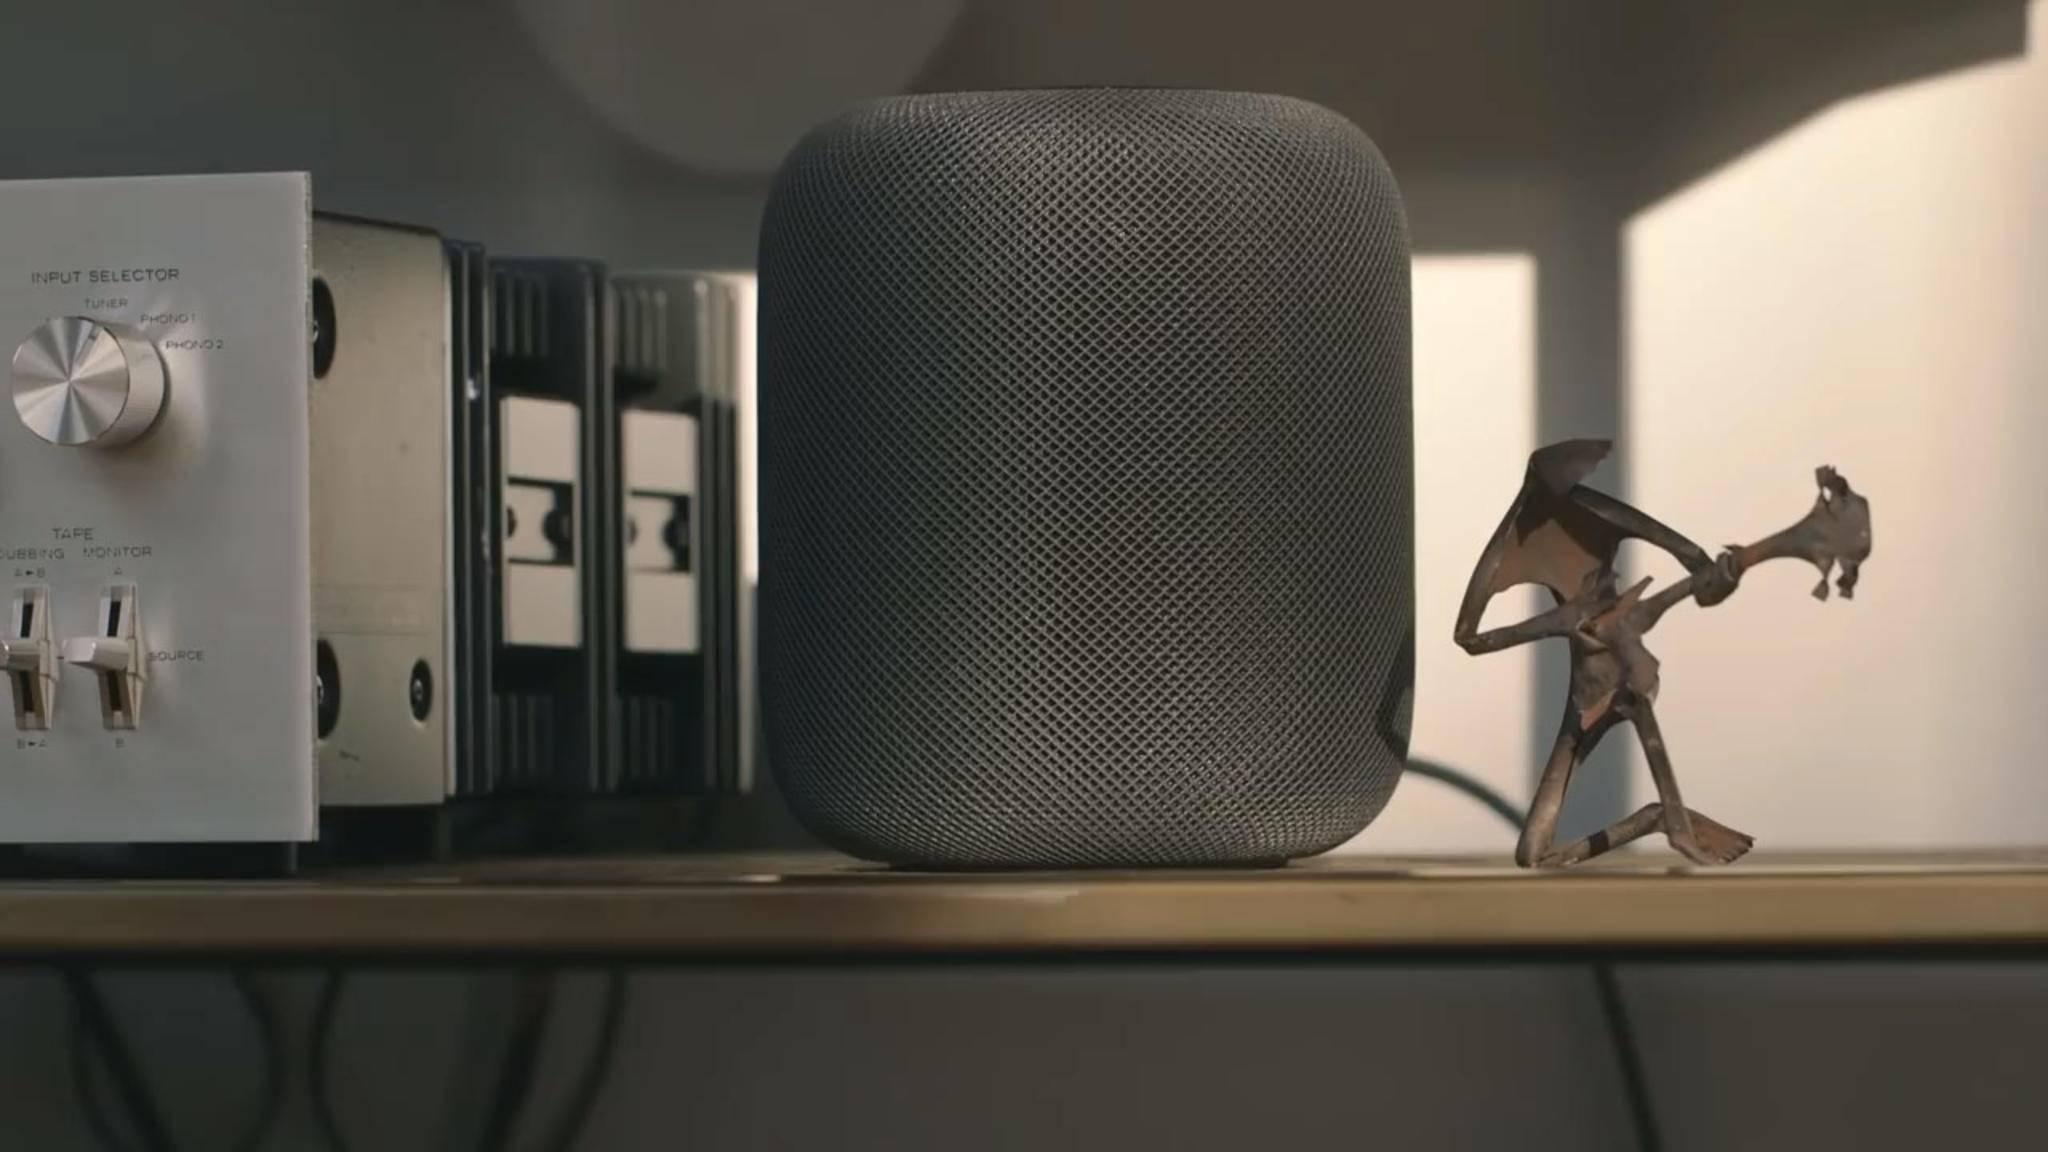 Kein Smart Speaker klingt besser als der Apple HomePod – doch Sound ist bei einem intelligenten Lautsprecher nicht alles.